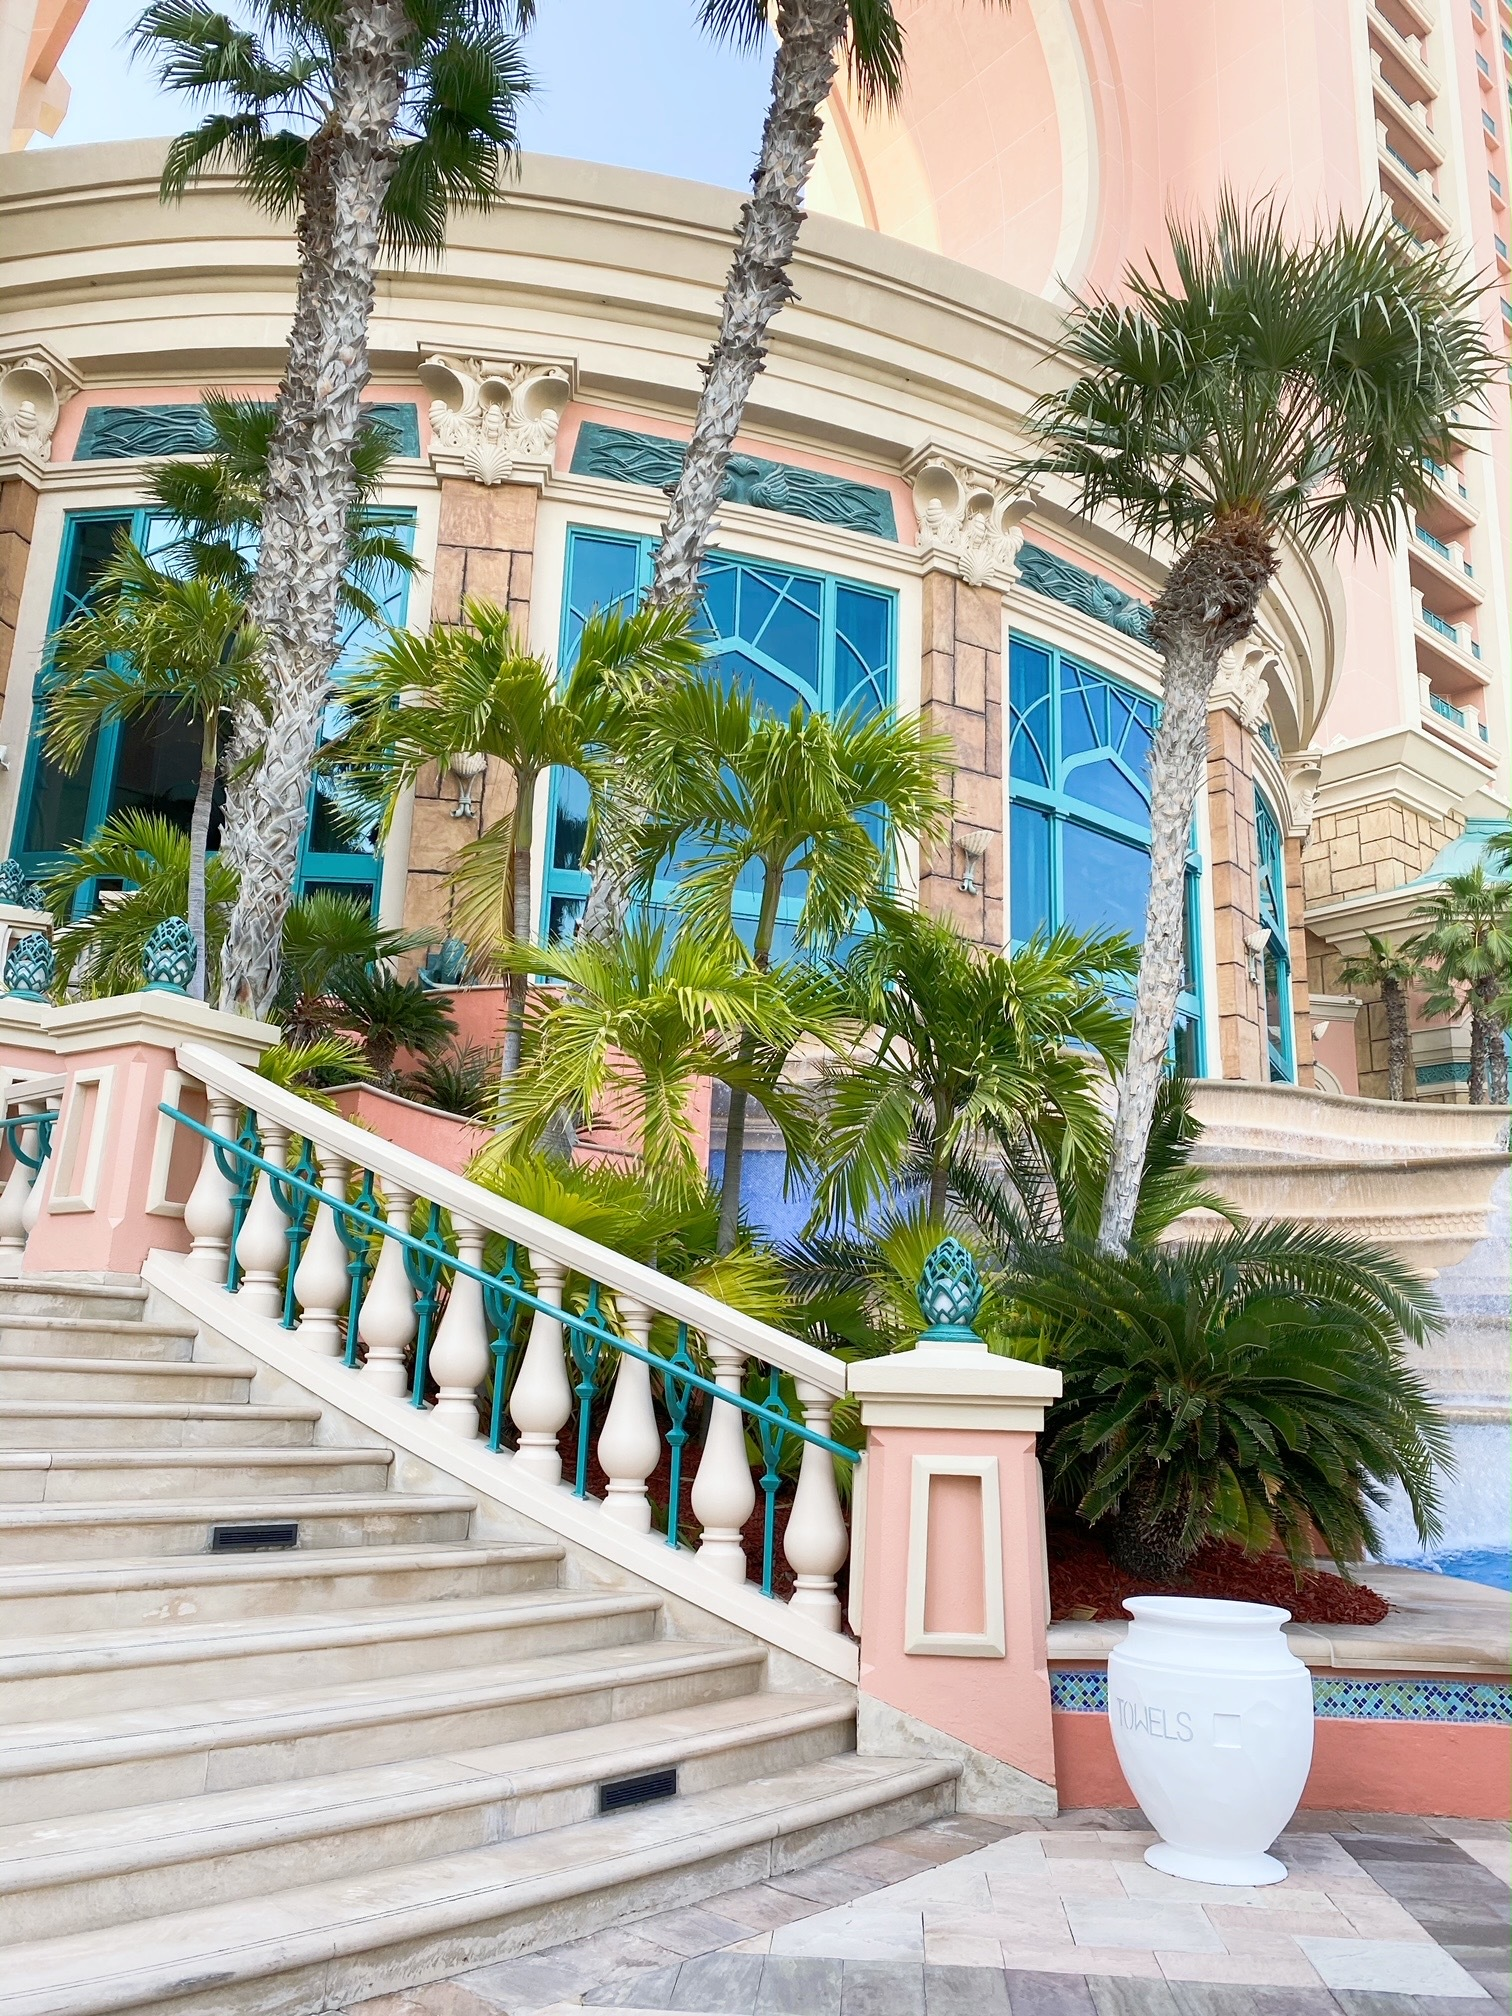 「ATRANTIS THE PALM」ホテルのお部屋&プライベートビーチ 〜ドバイ⑦〜_1_7